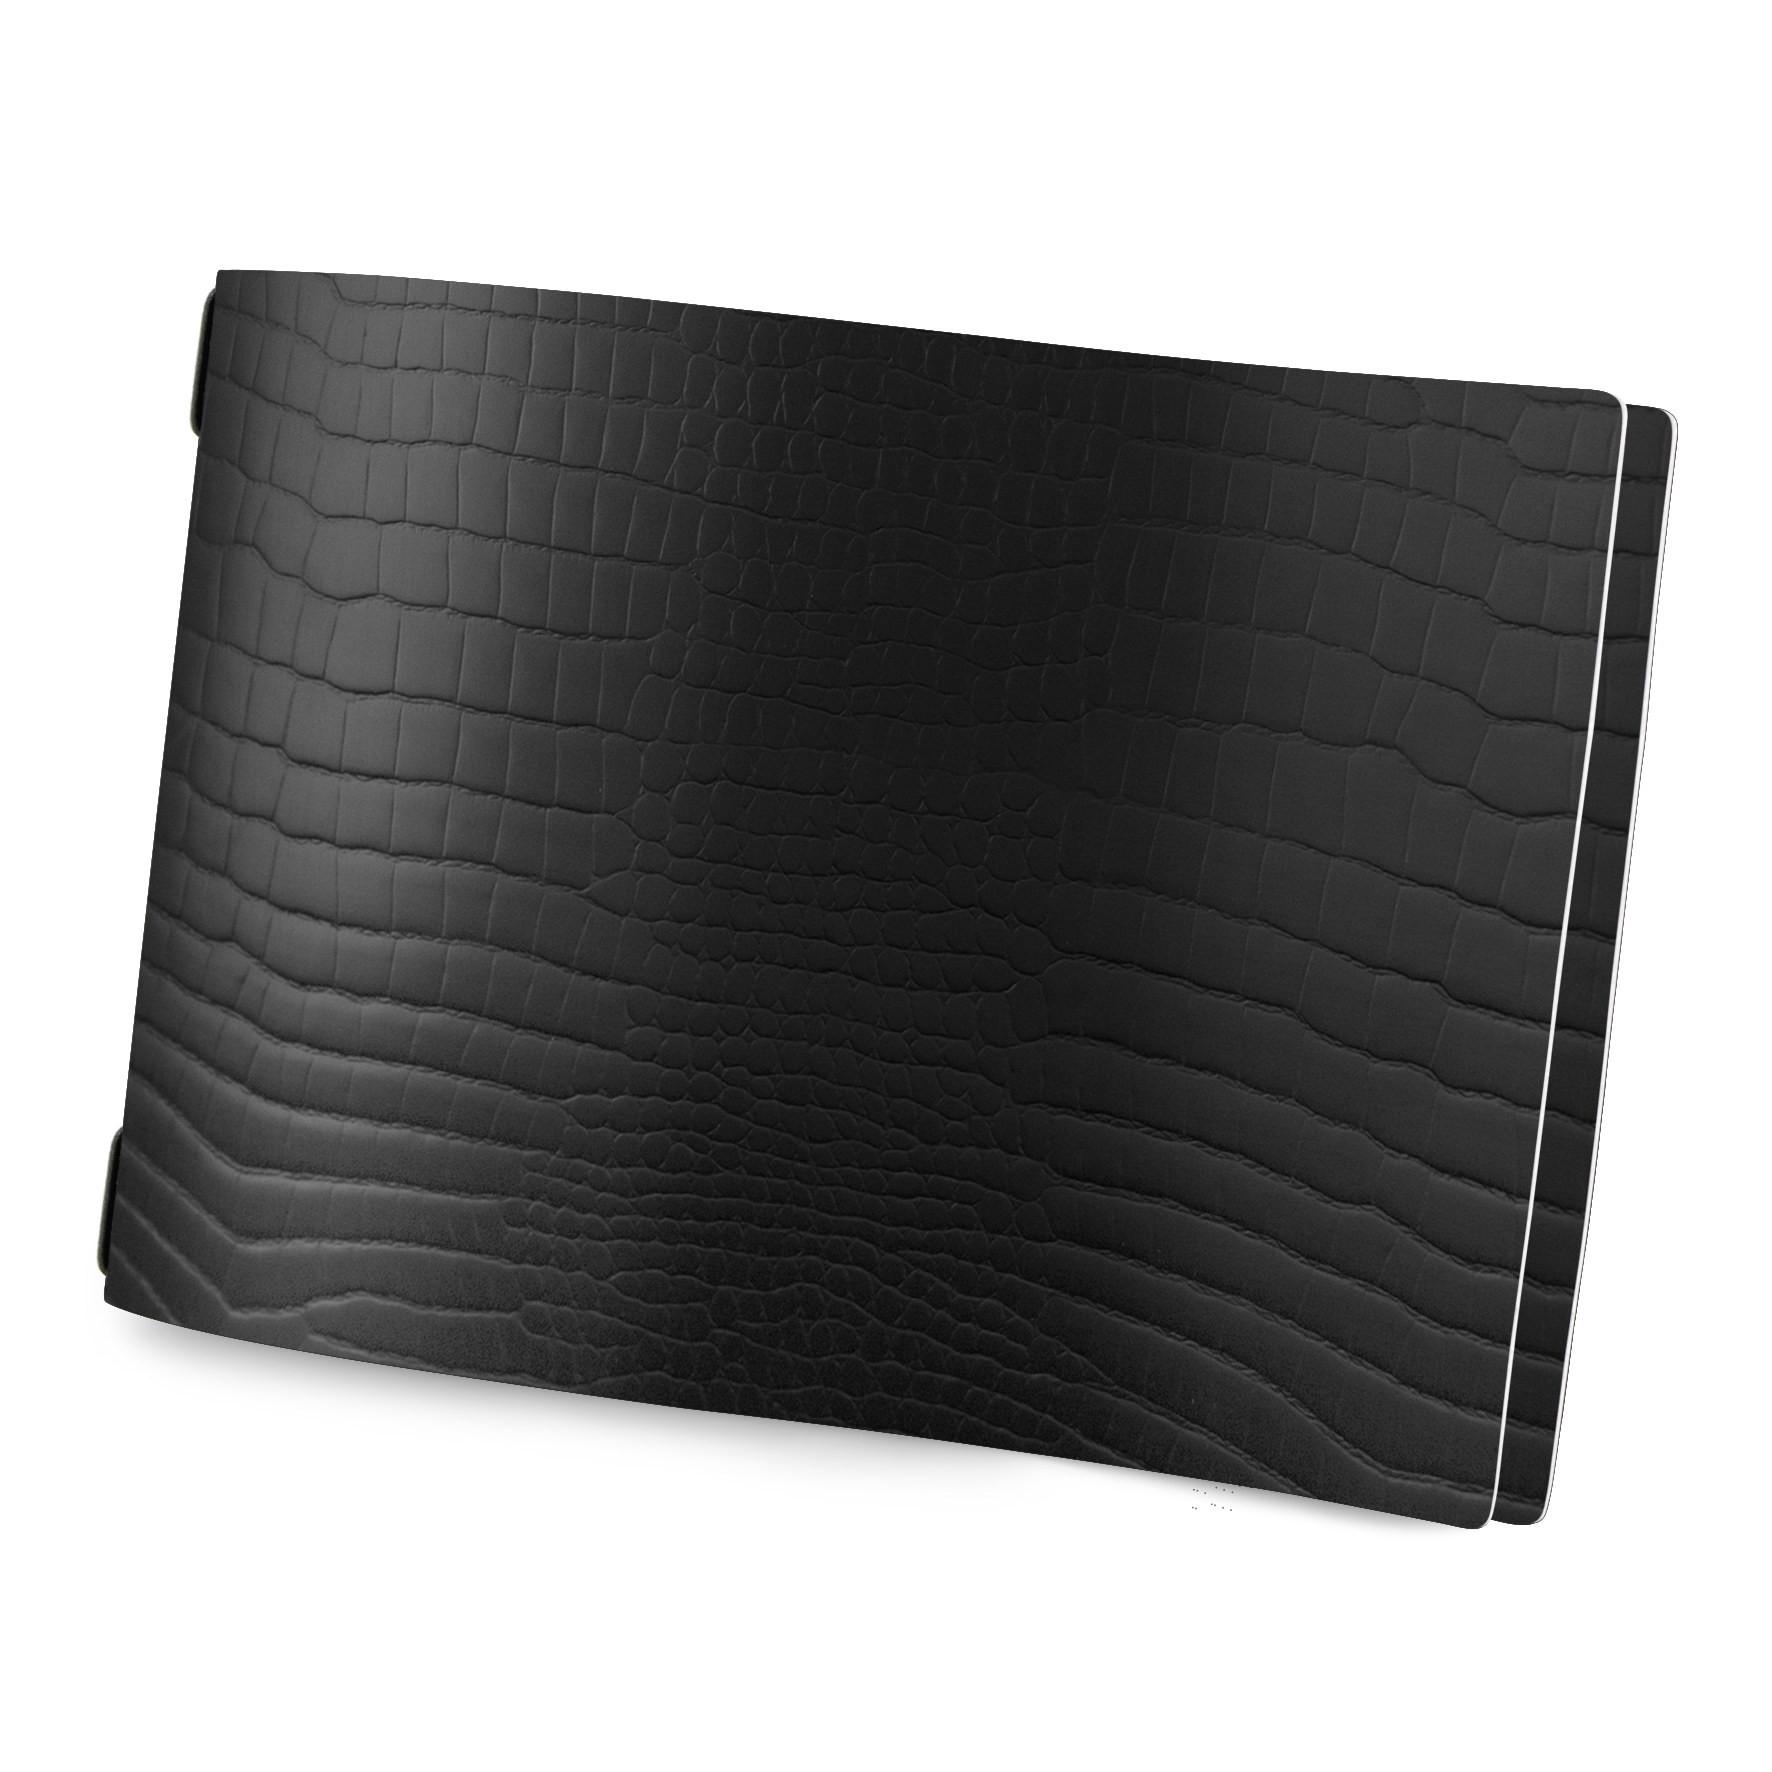 Protège menu format A4 modèle HORIZONTAL couleur noir aspect  peau de crocodile - 2 inserts inclus